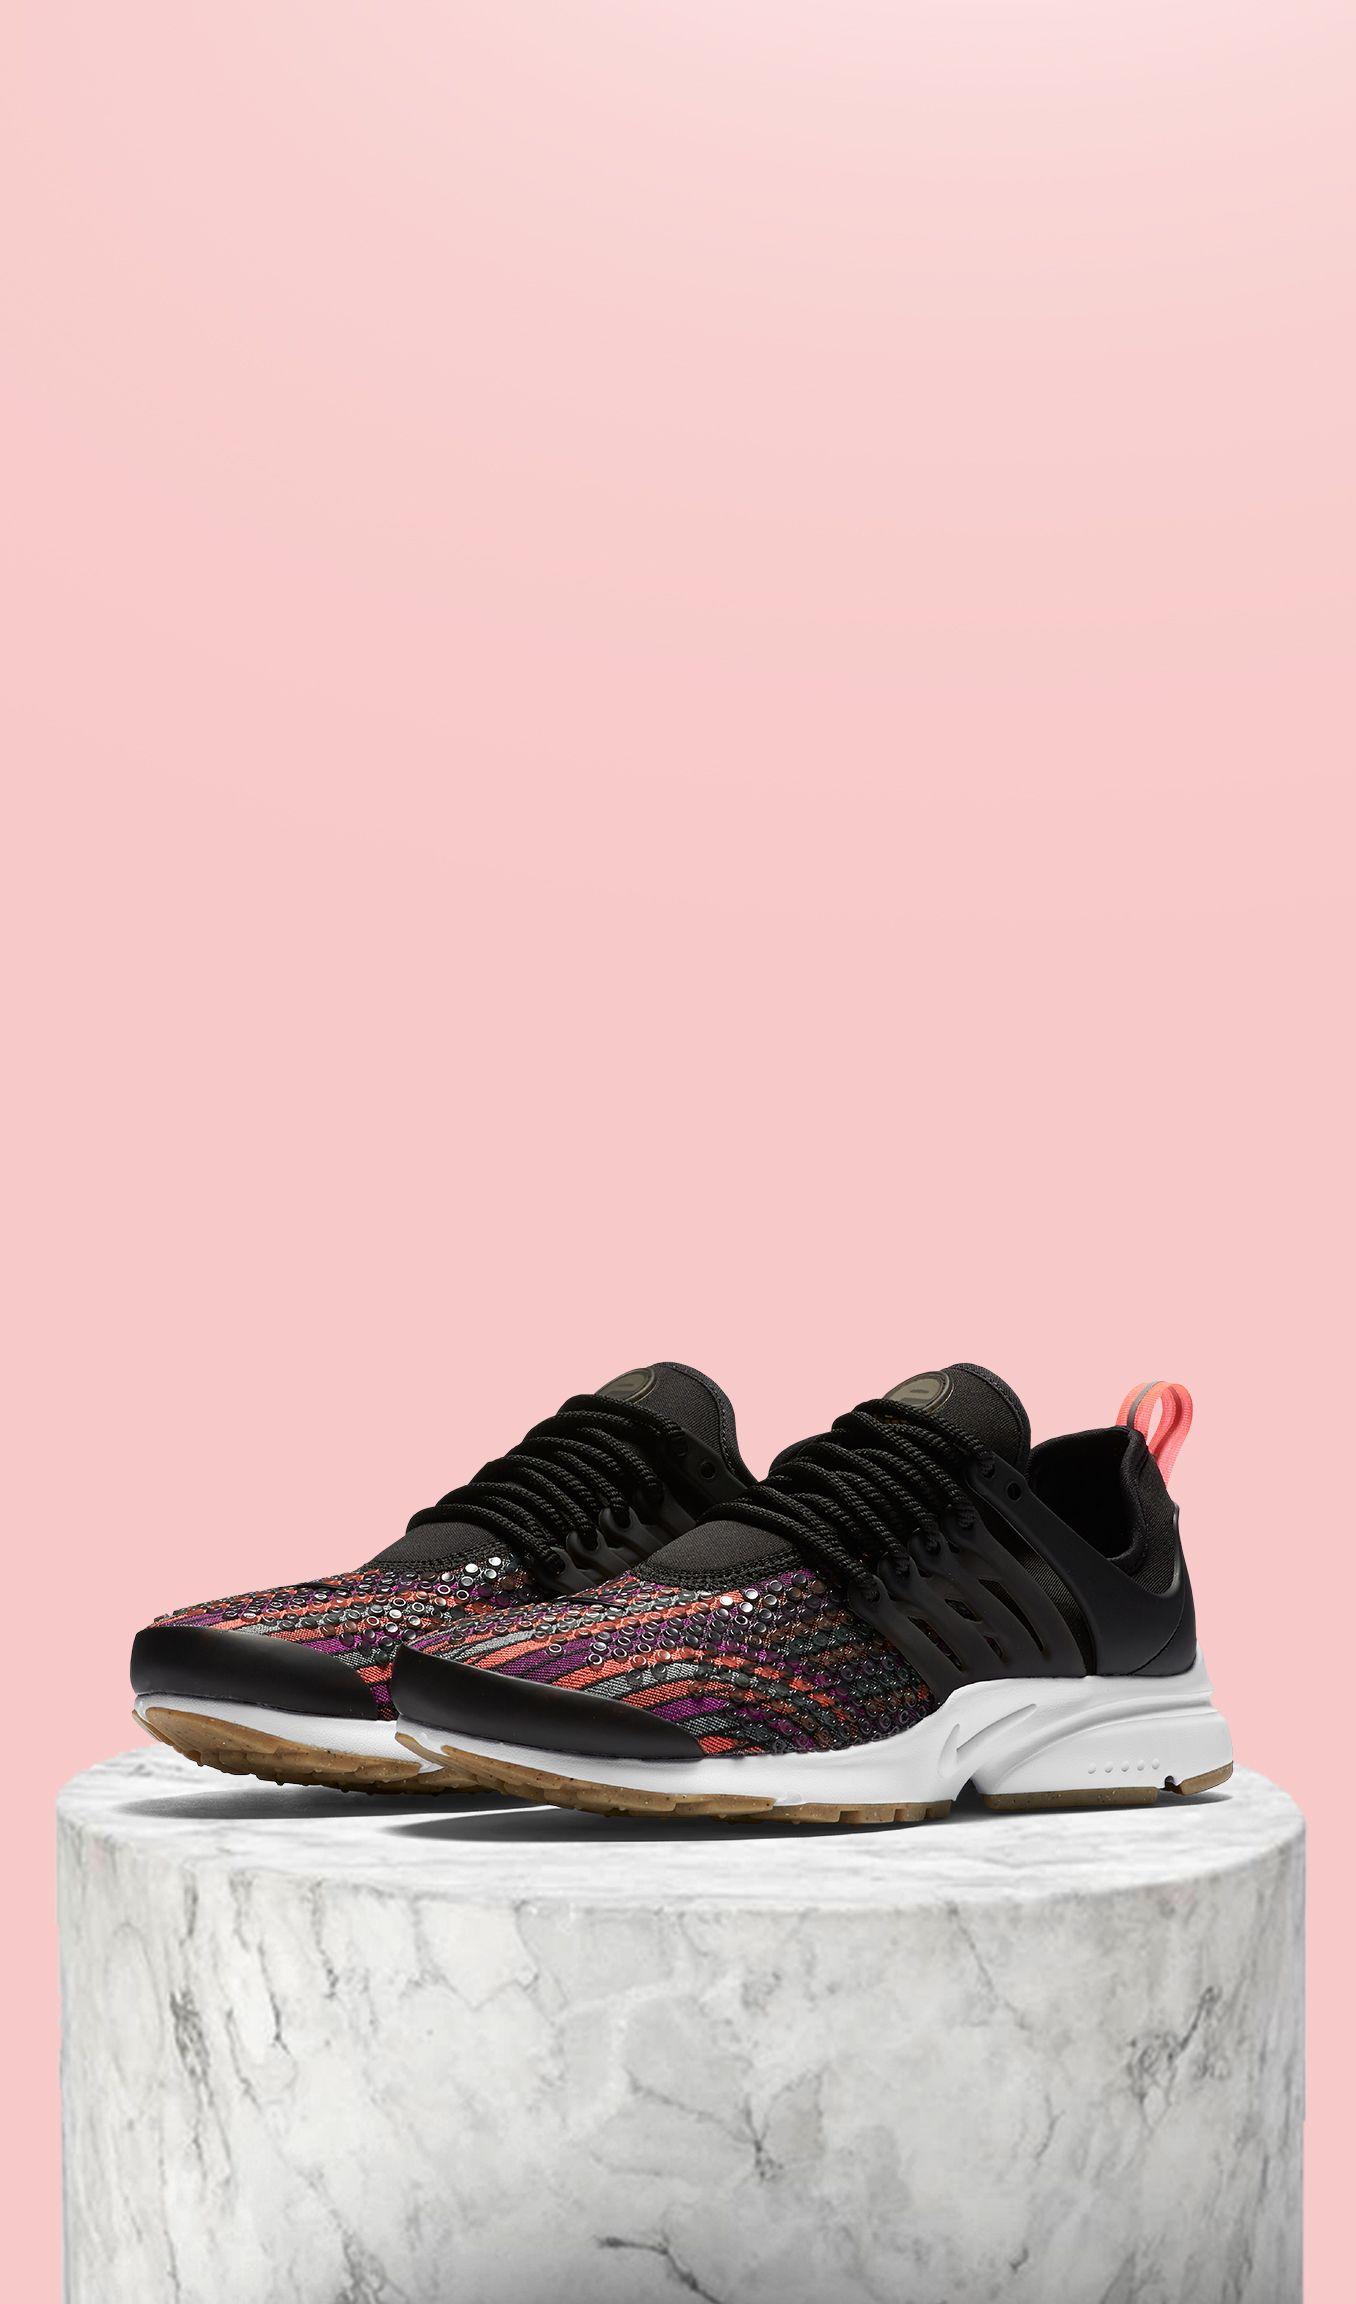 Women s Nike Air Presto Jacquard Premium  Hot Lava . Nike+ SNKRS 5d699fc980